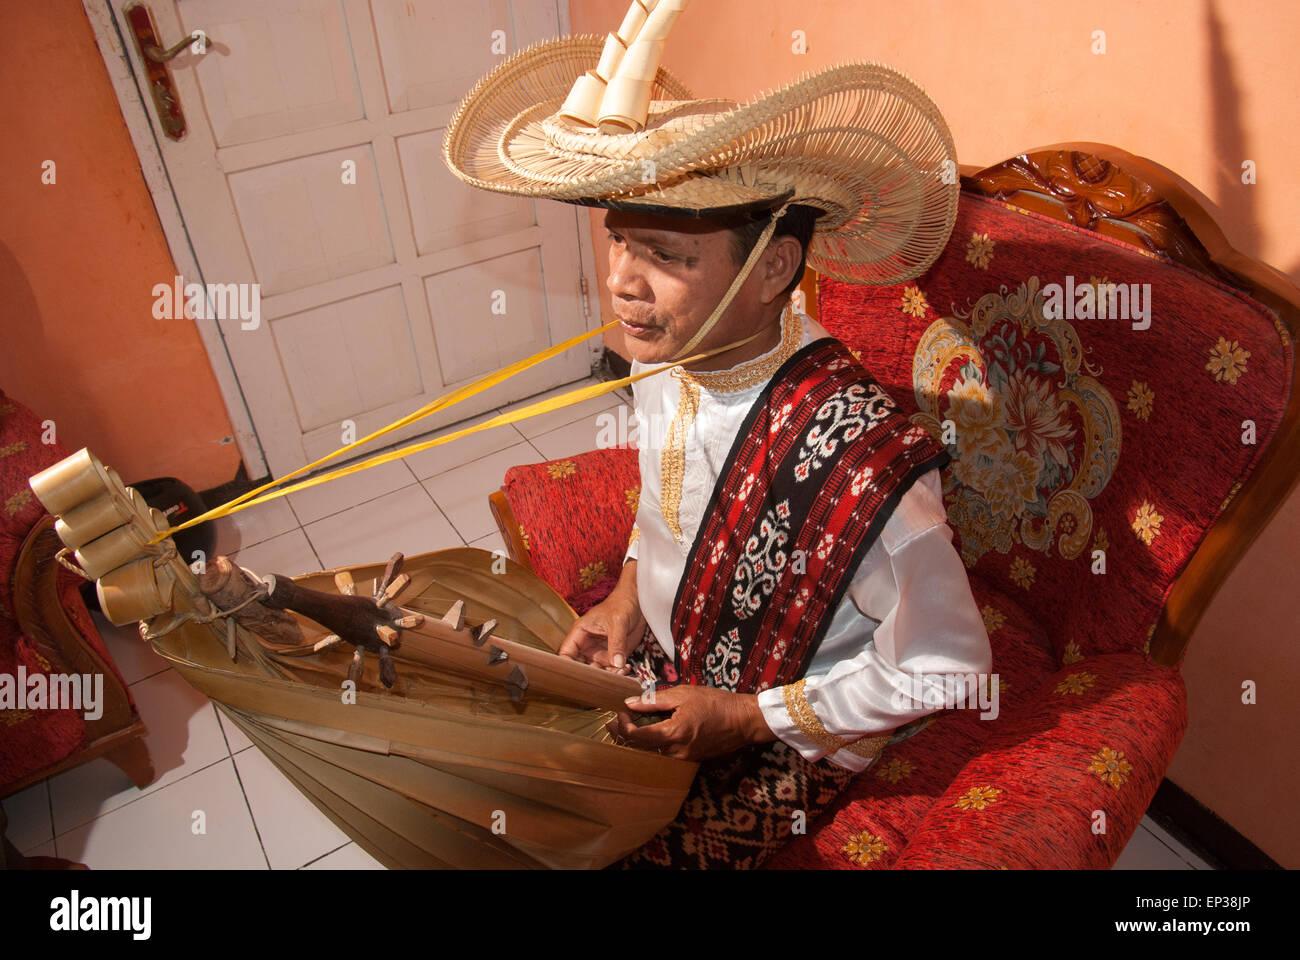 L uomo indossa abiti tradizionali come suona sasando strumento musicale di Rote Isola, Indonesia. Immagini Stock